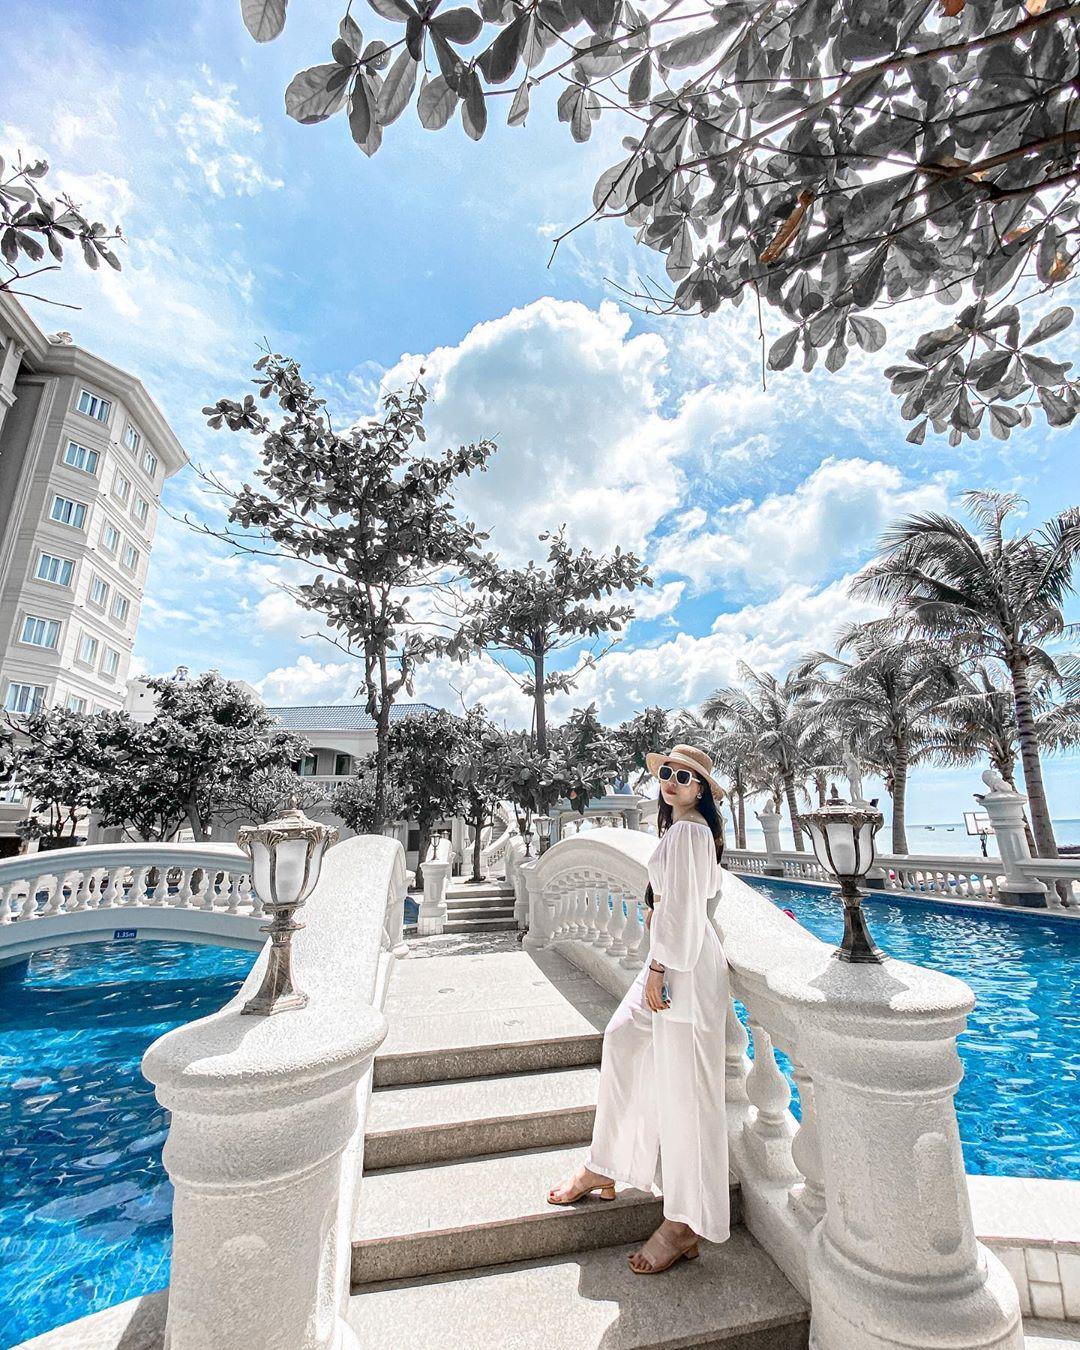 lan rung phuoc hai Resort & Spa jexi_nguyen